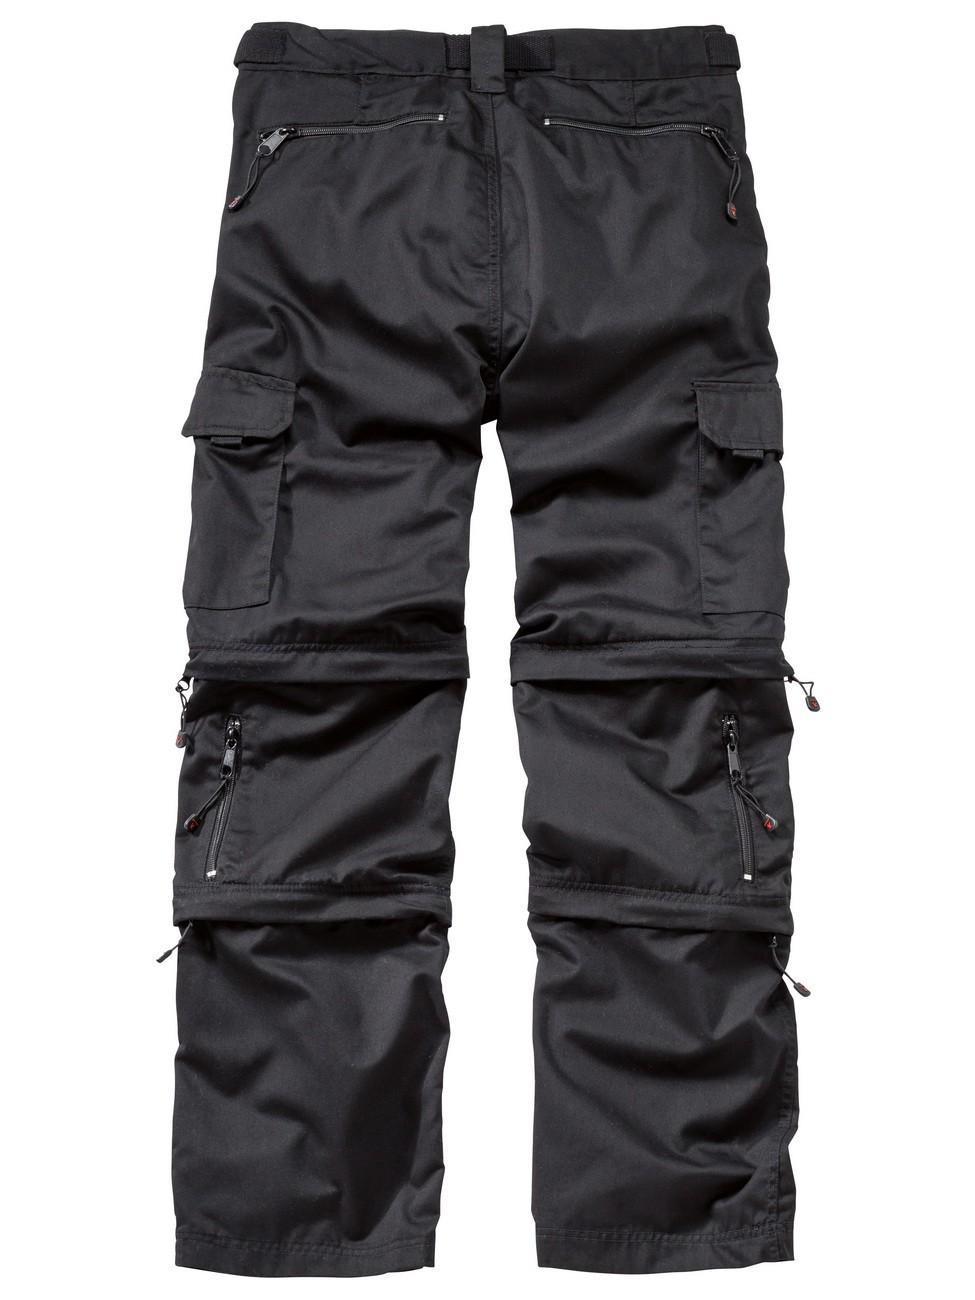 Surplus Herren Hose Trekking Trousers